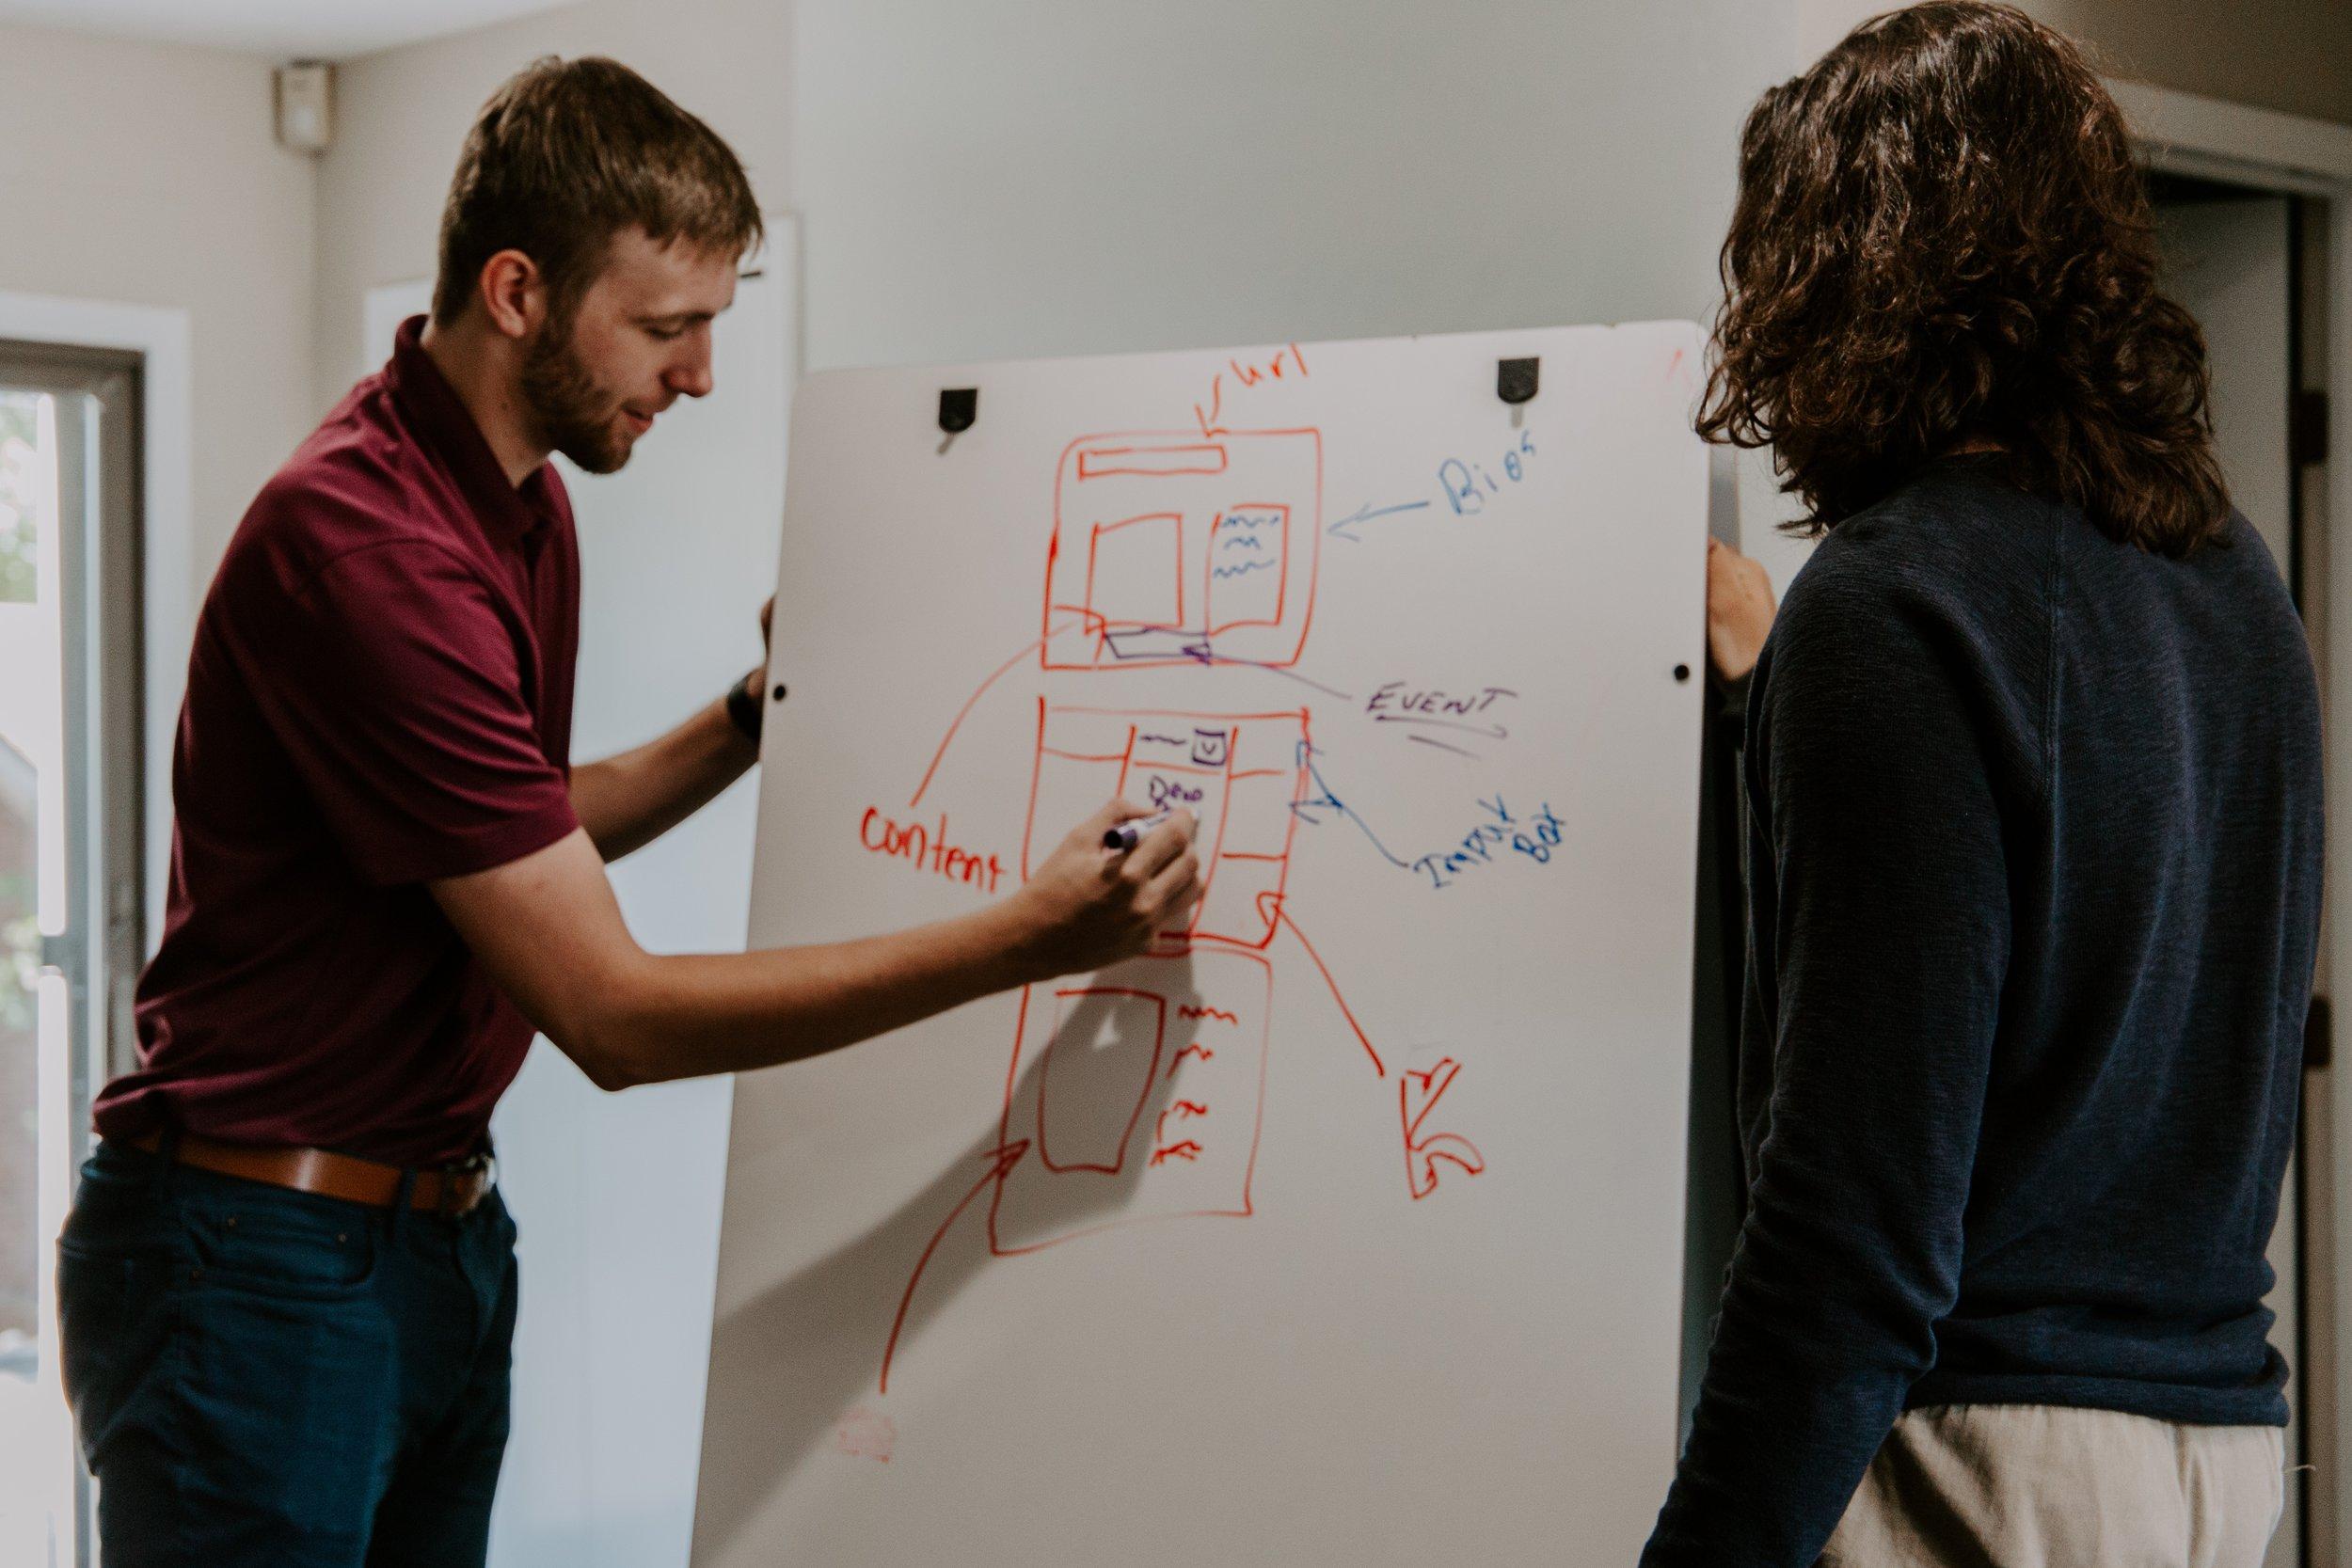 - CONTENT STRATEGIE EN CREATIEHoe ontwikkel je content met goede thema's, relevantie en onderscheidend vermogen?